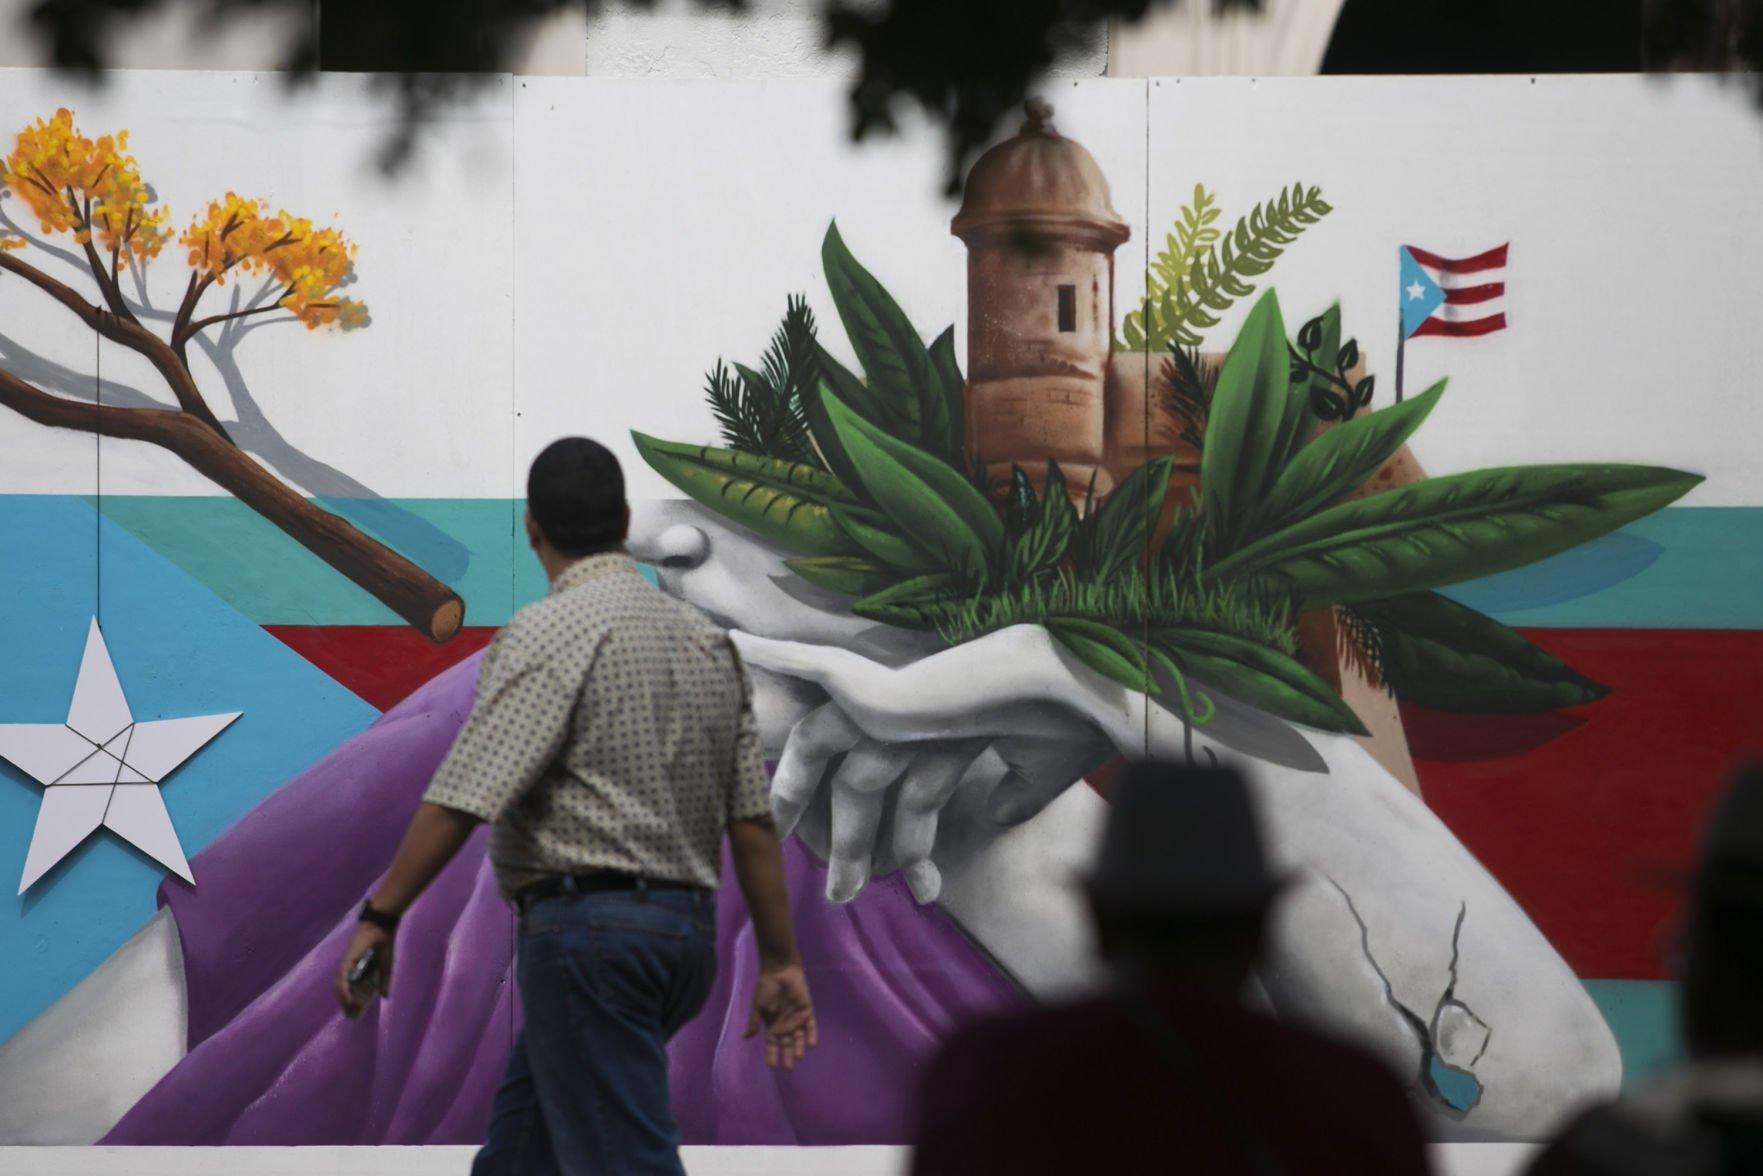 Llamado a proteger patrimonio histórico durante las protestas